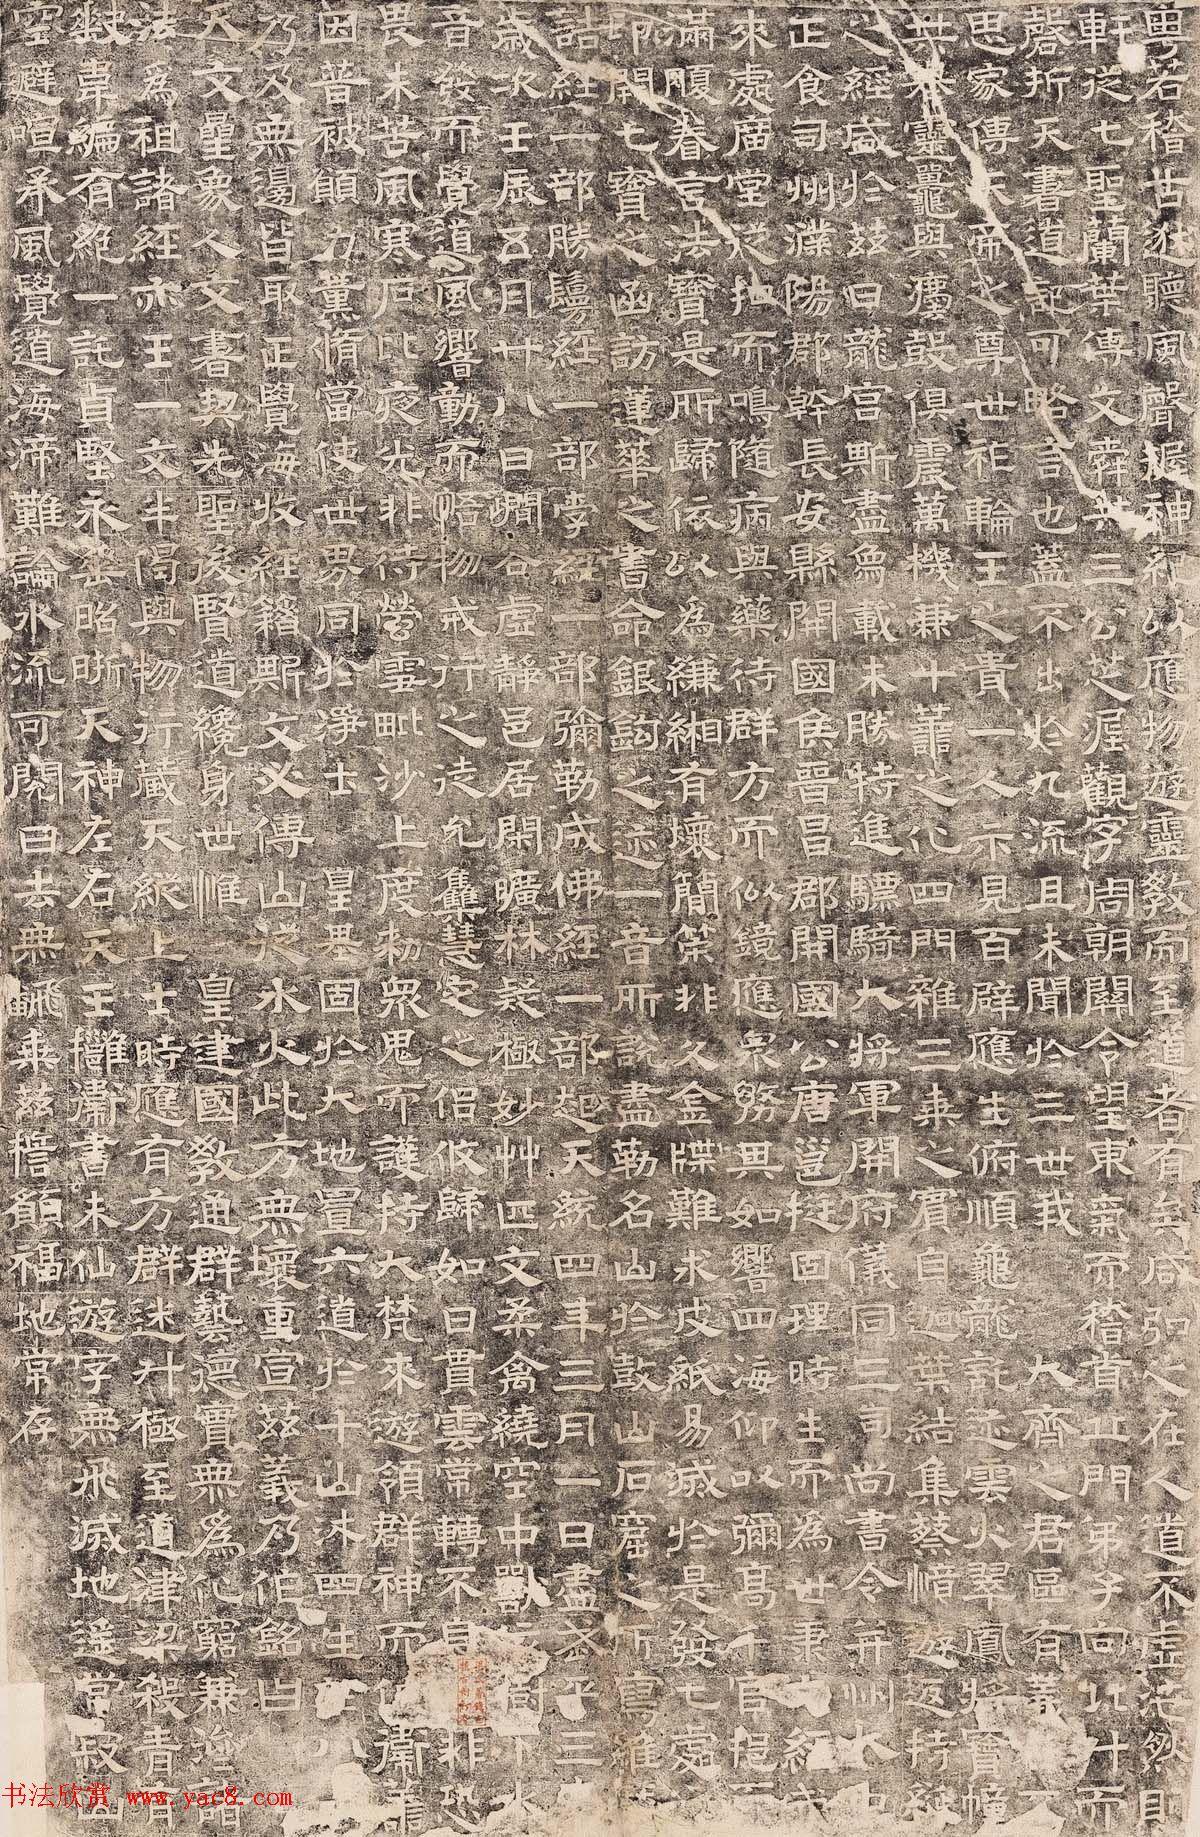 北齐书法刻碑名品《唐邕写经碑》